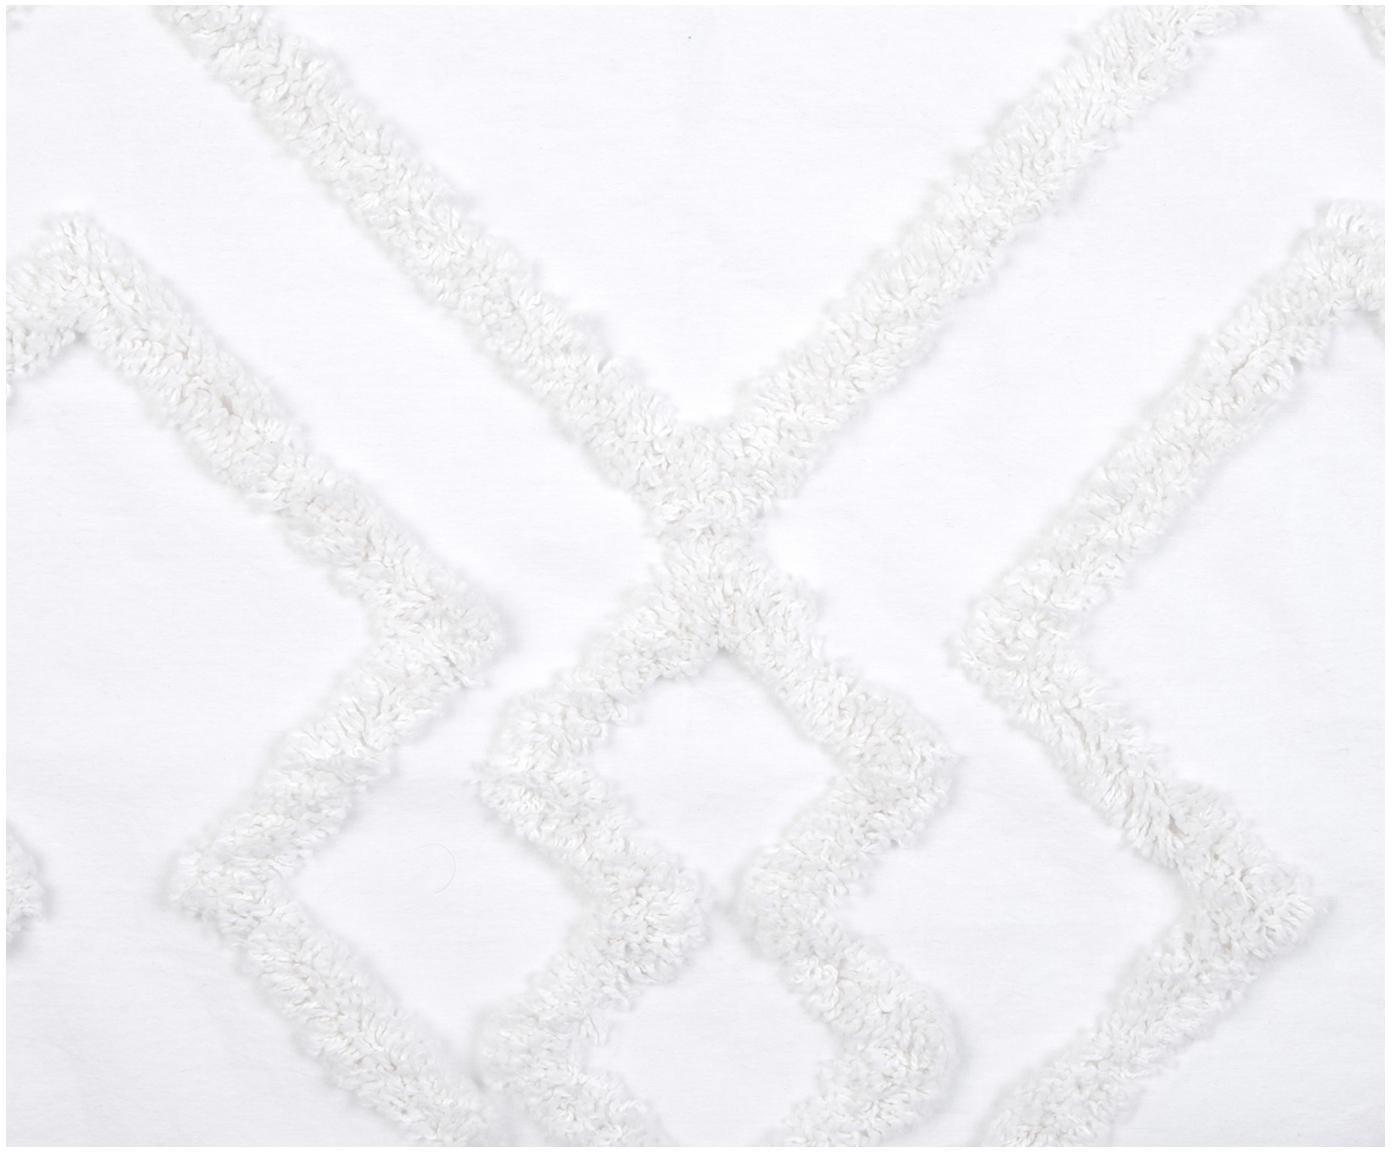 Kussenhoes Faith met getuft ruitjesmotief, 100% katoen, Wit, 50 x 50 cm